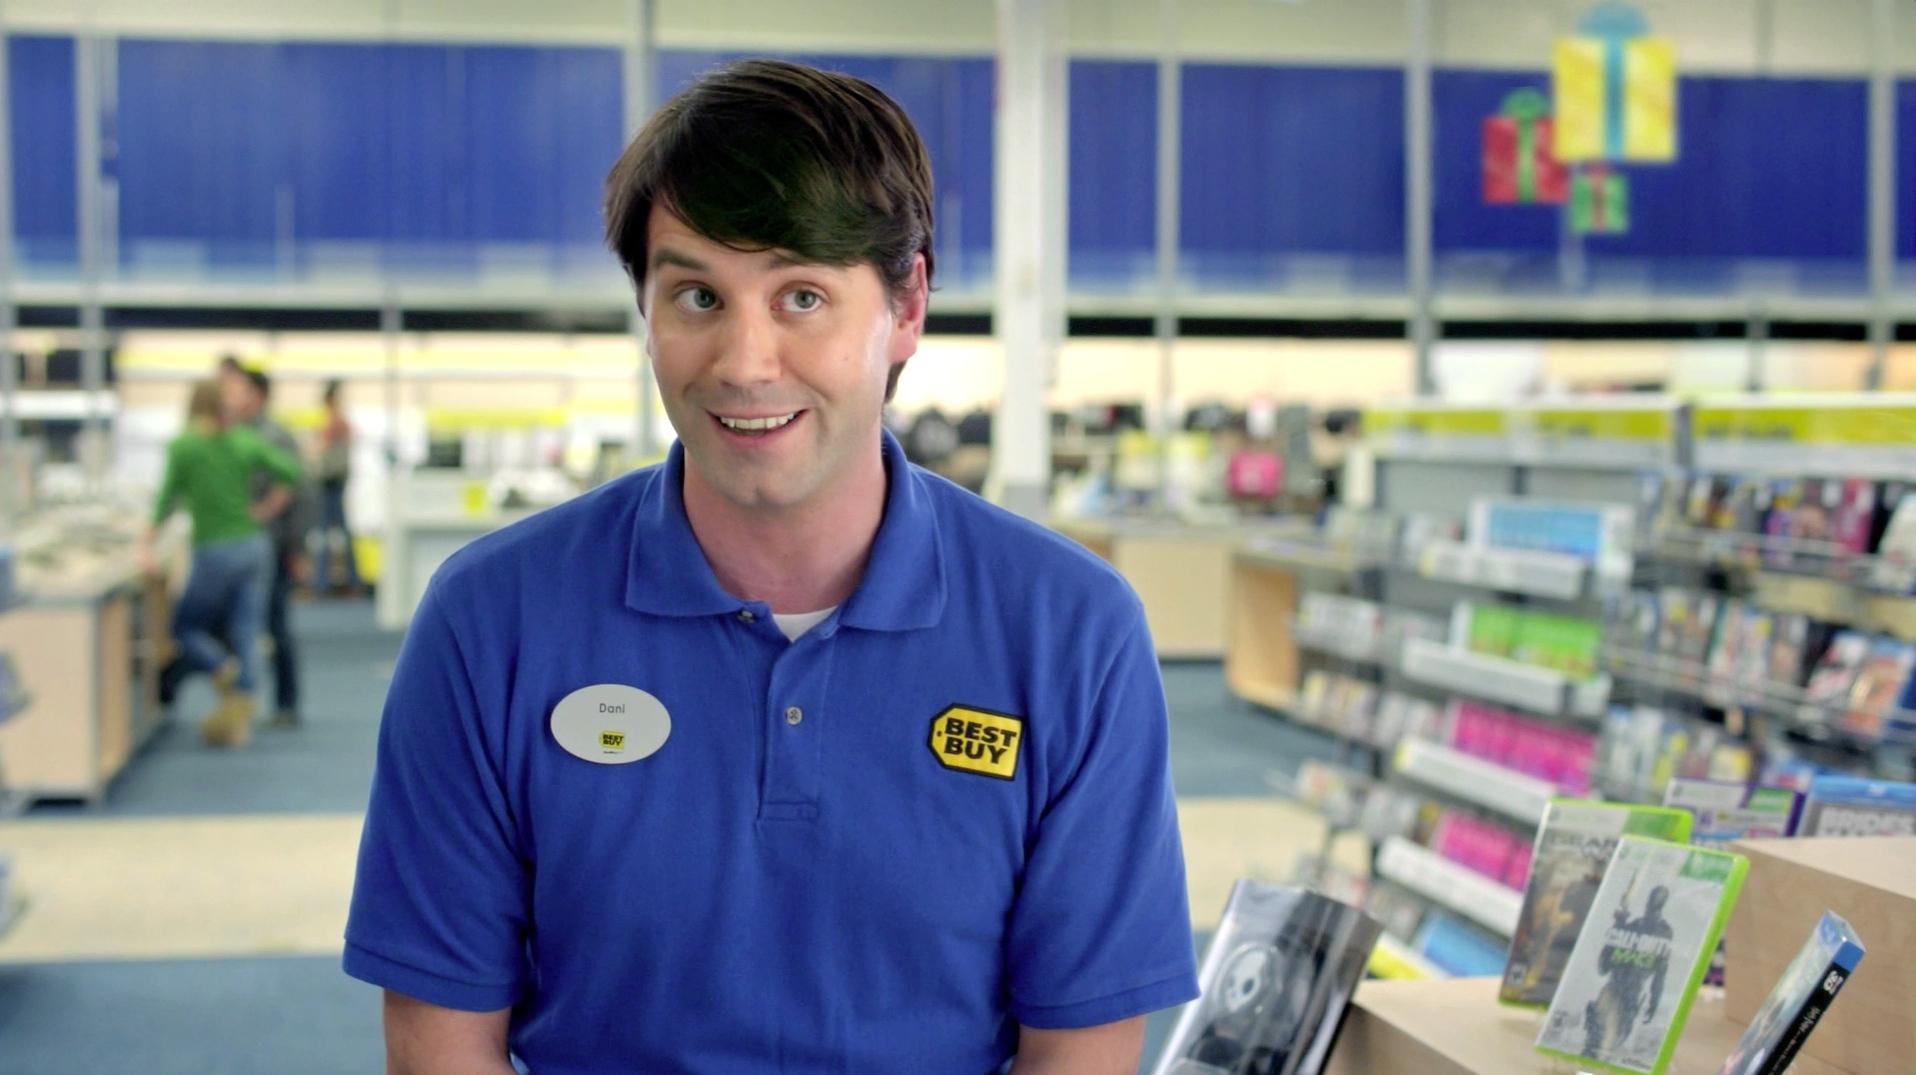 Best Buy Commercial